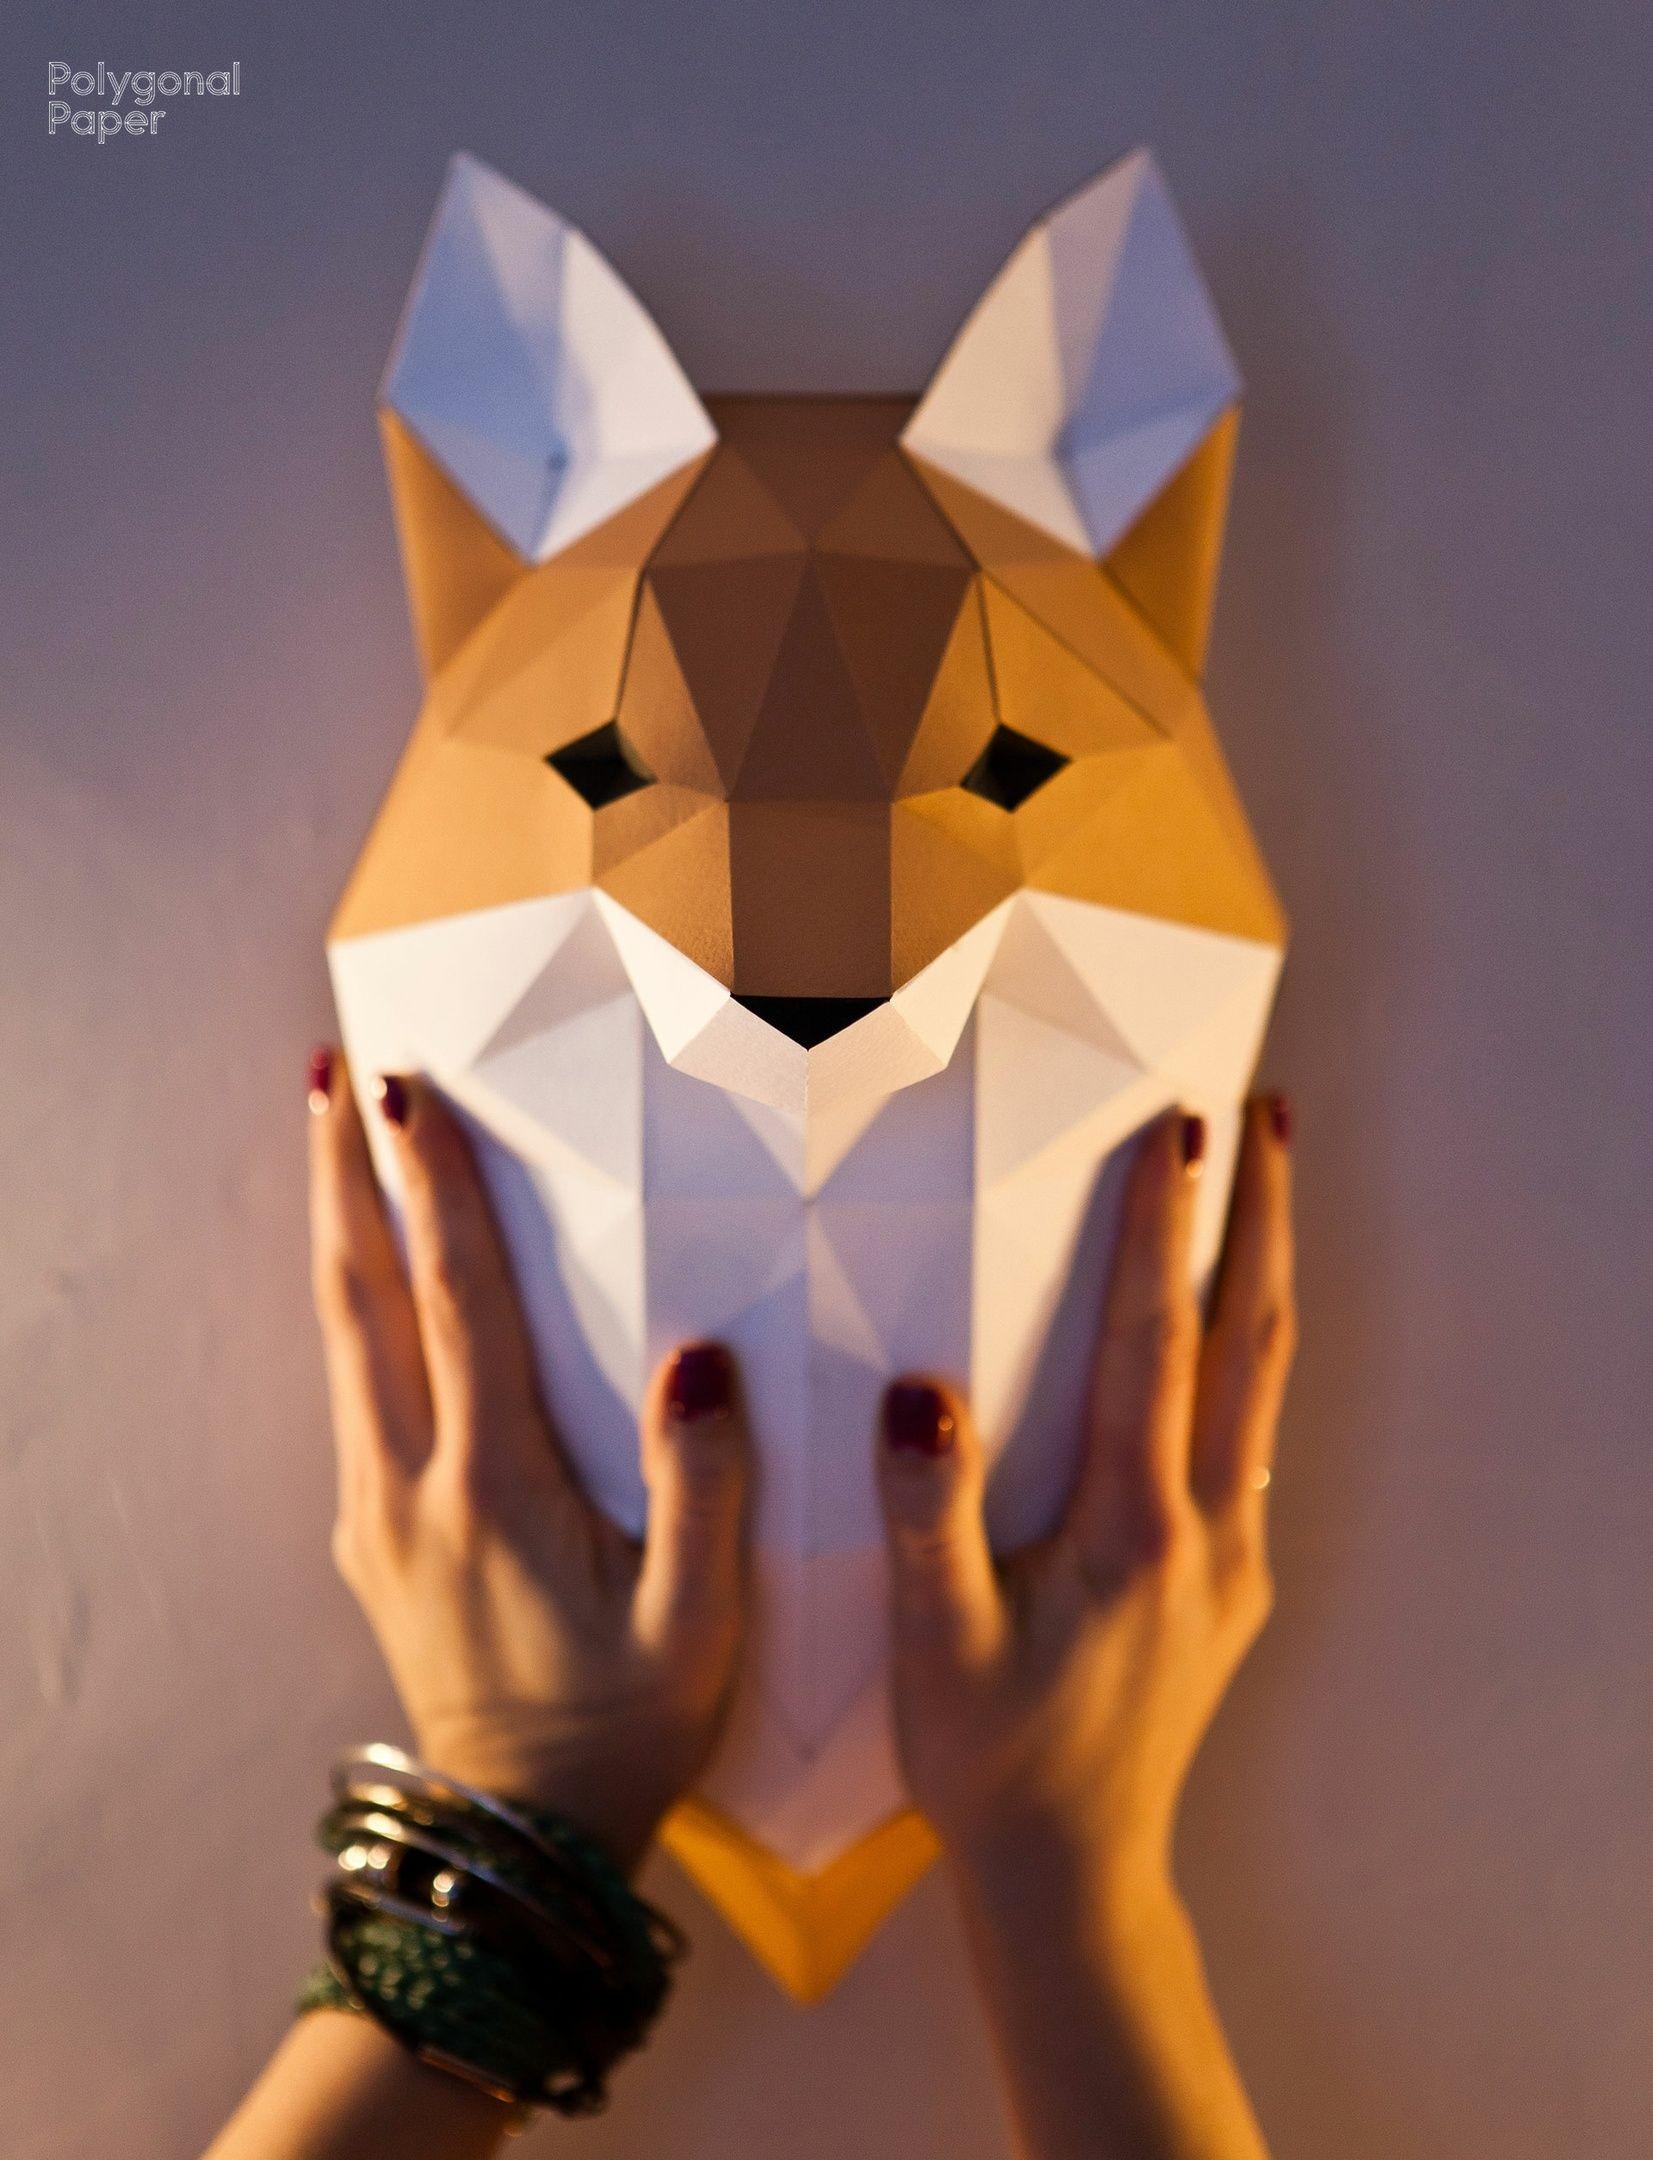 Fox Papercraft 2d Paper Fox Head Template Eng Rus Fra Polygonal Paper